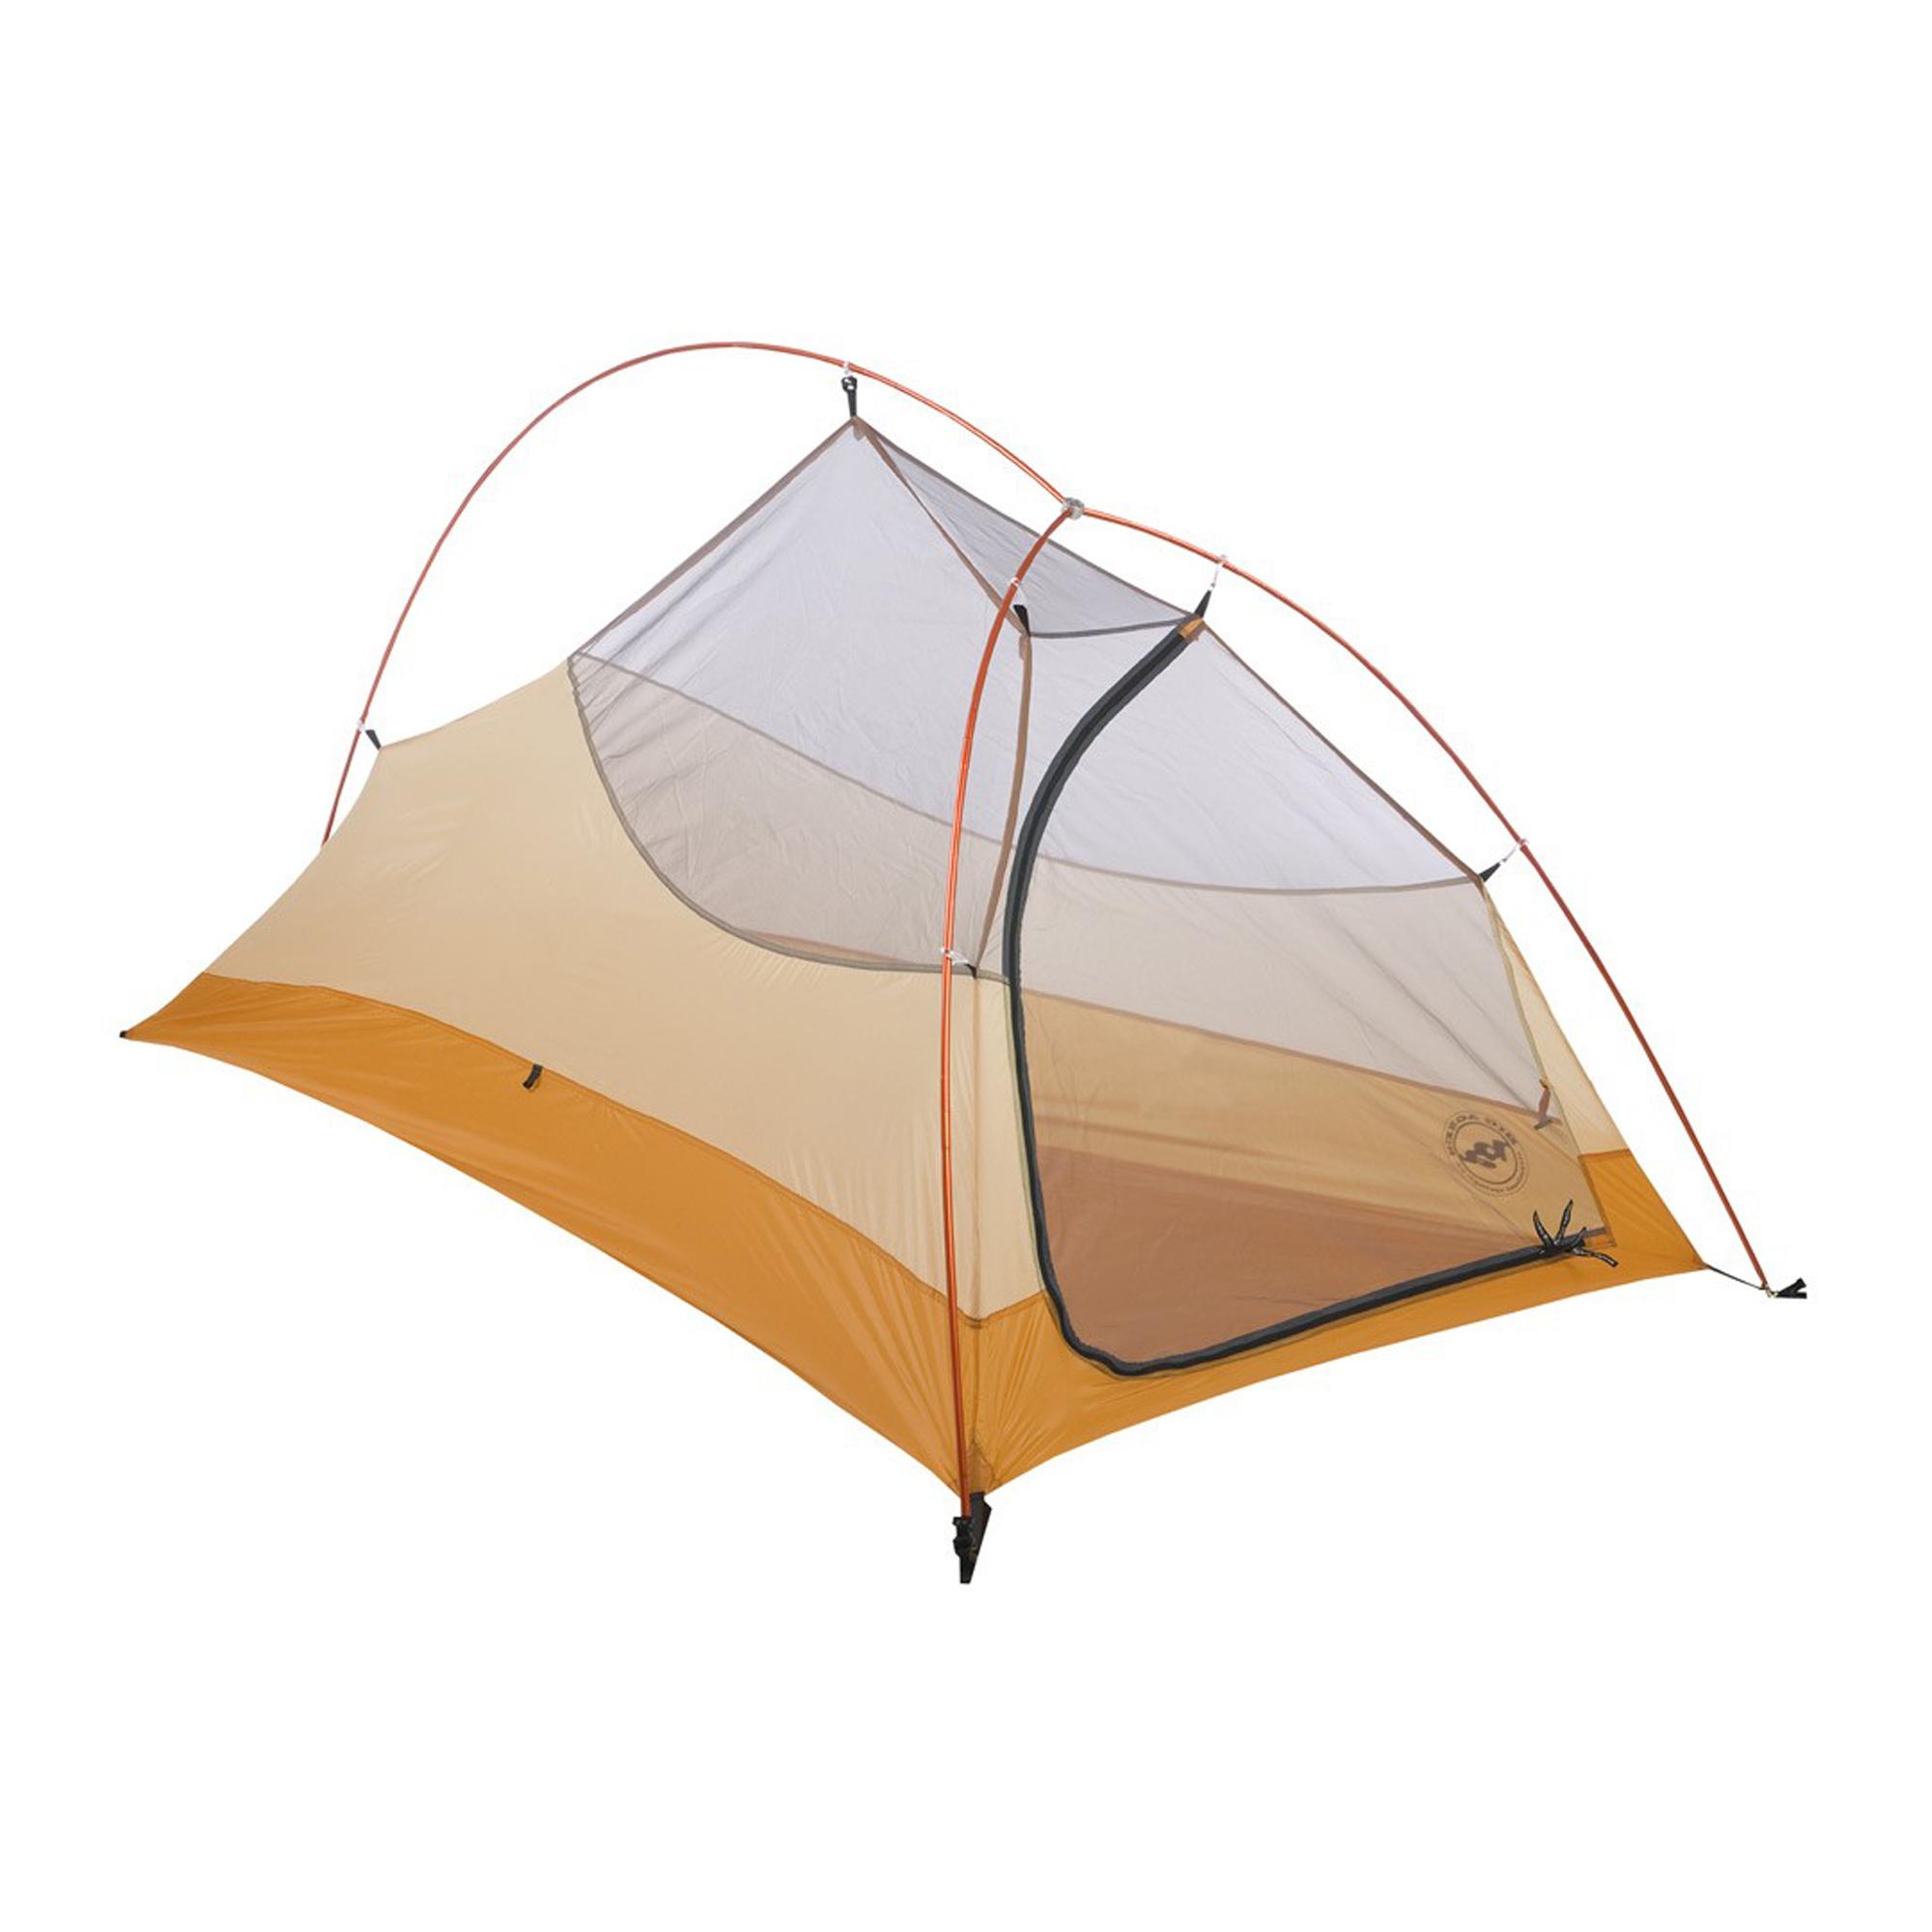 Big Agnes Fly Creek UL 1 Tent - 1 Person 7f0e0d5ef